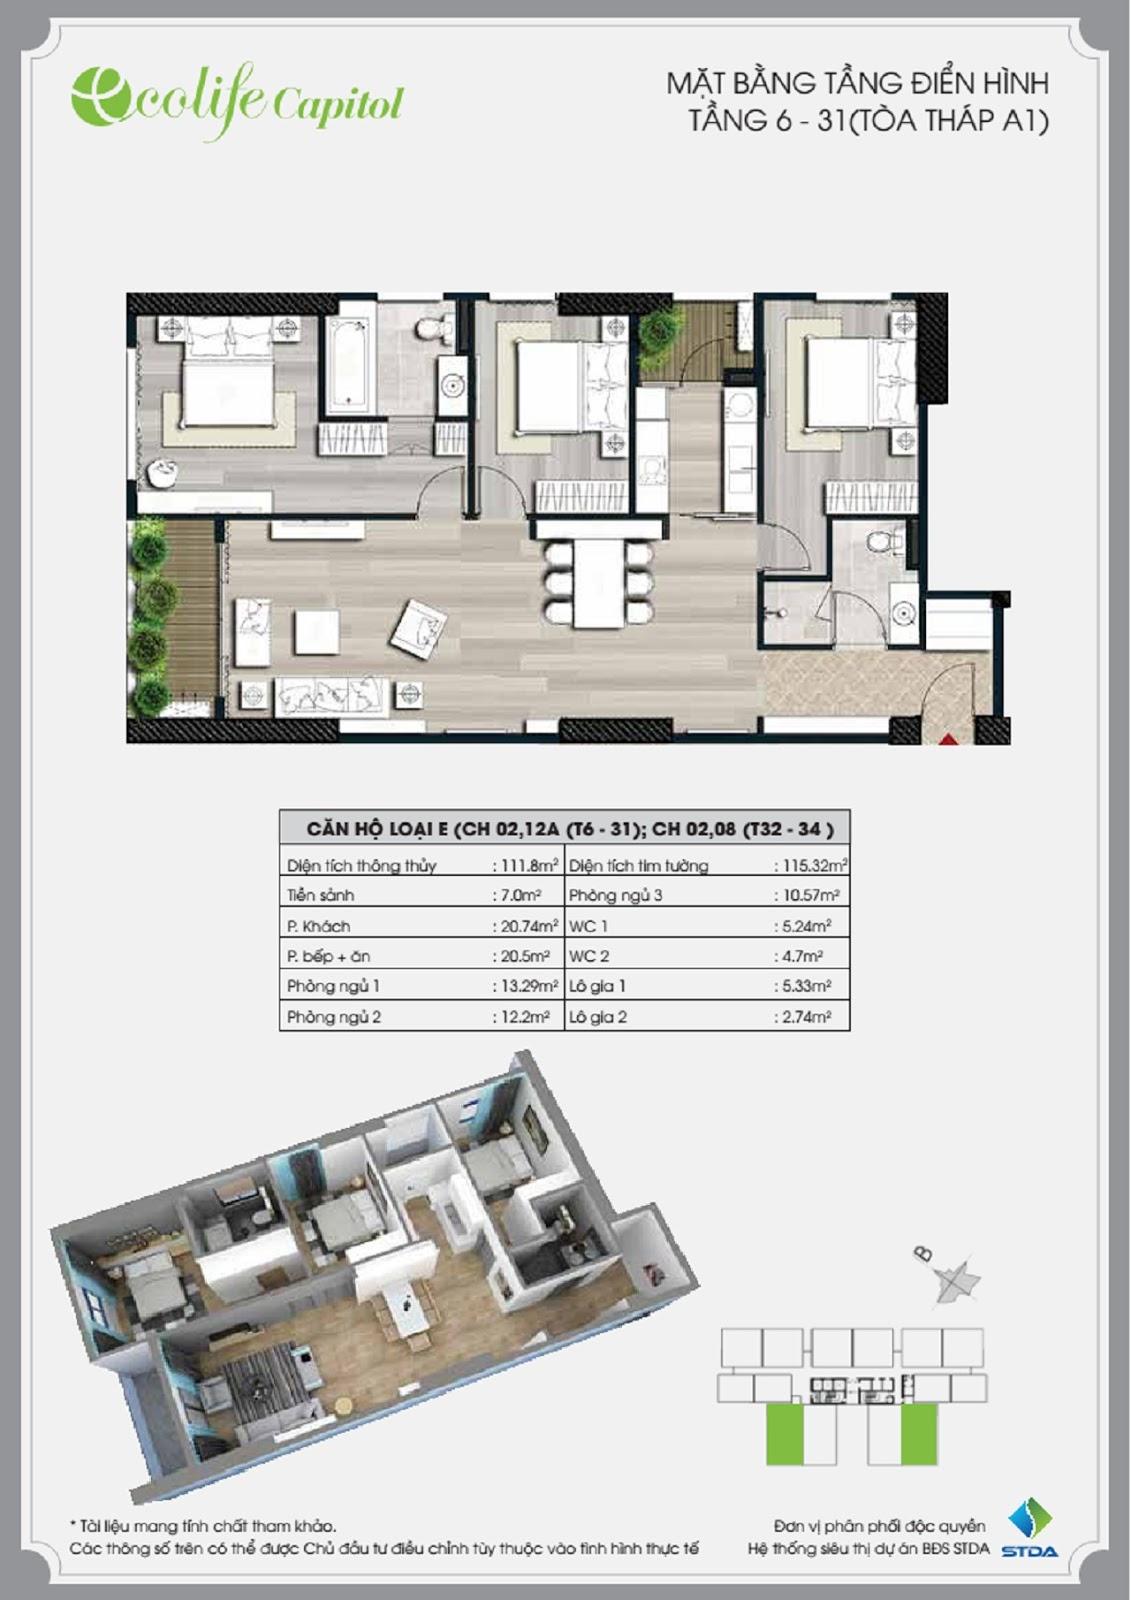 mặt bằng chung cư ecolife